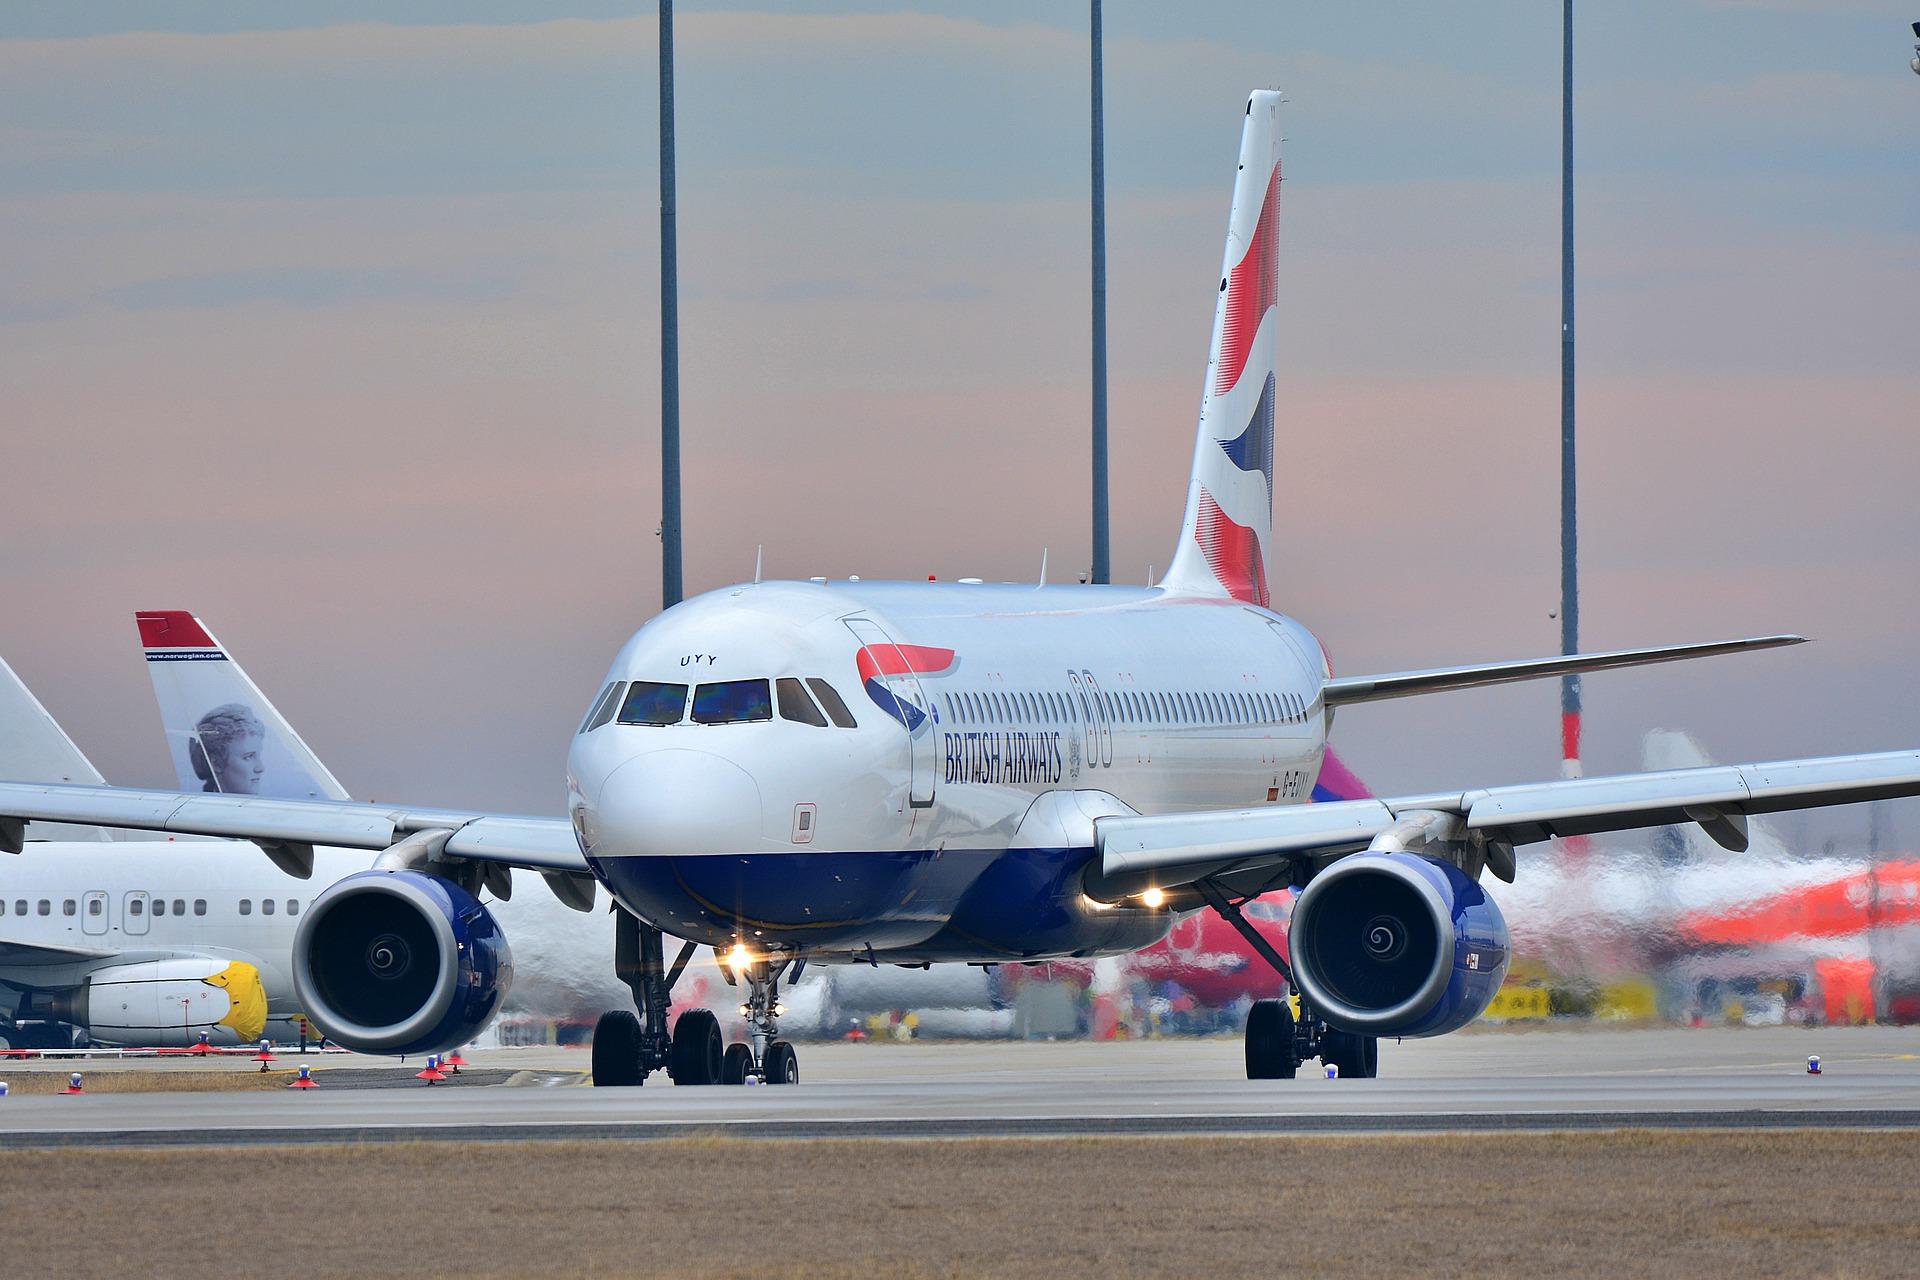 Полёты «Аэрофлота» в Лондон и Стамбул будут проходить по сокращённой программе